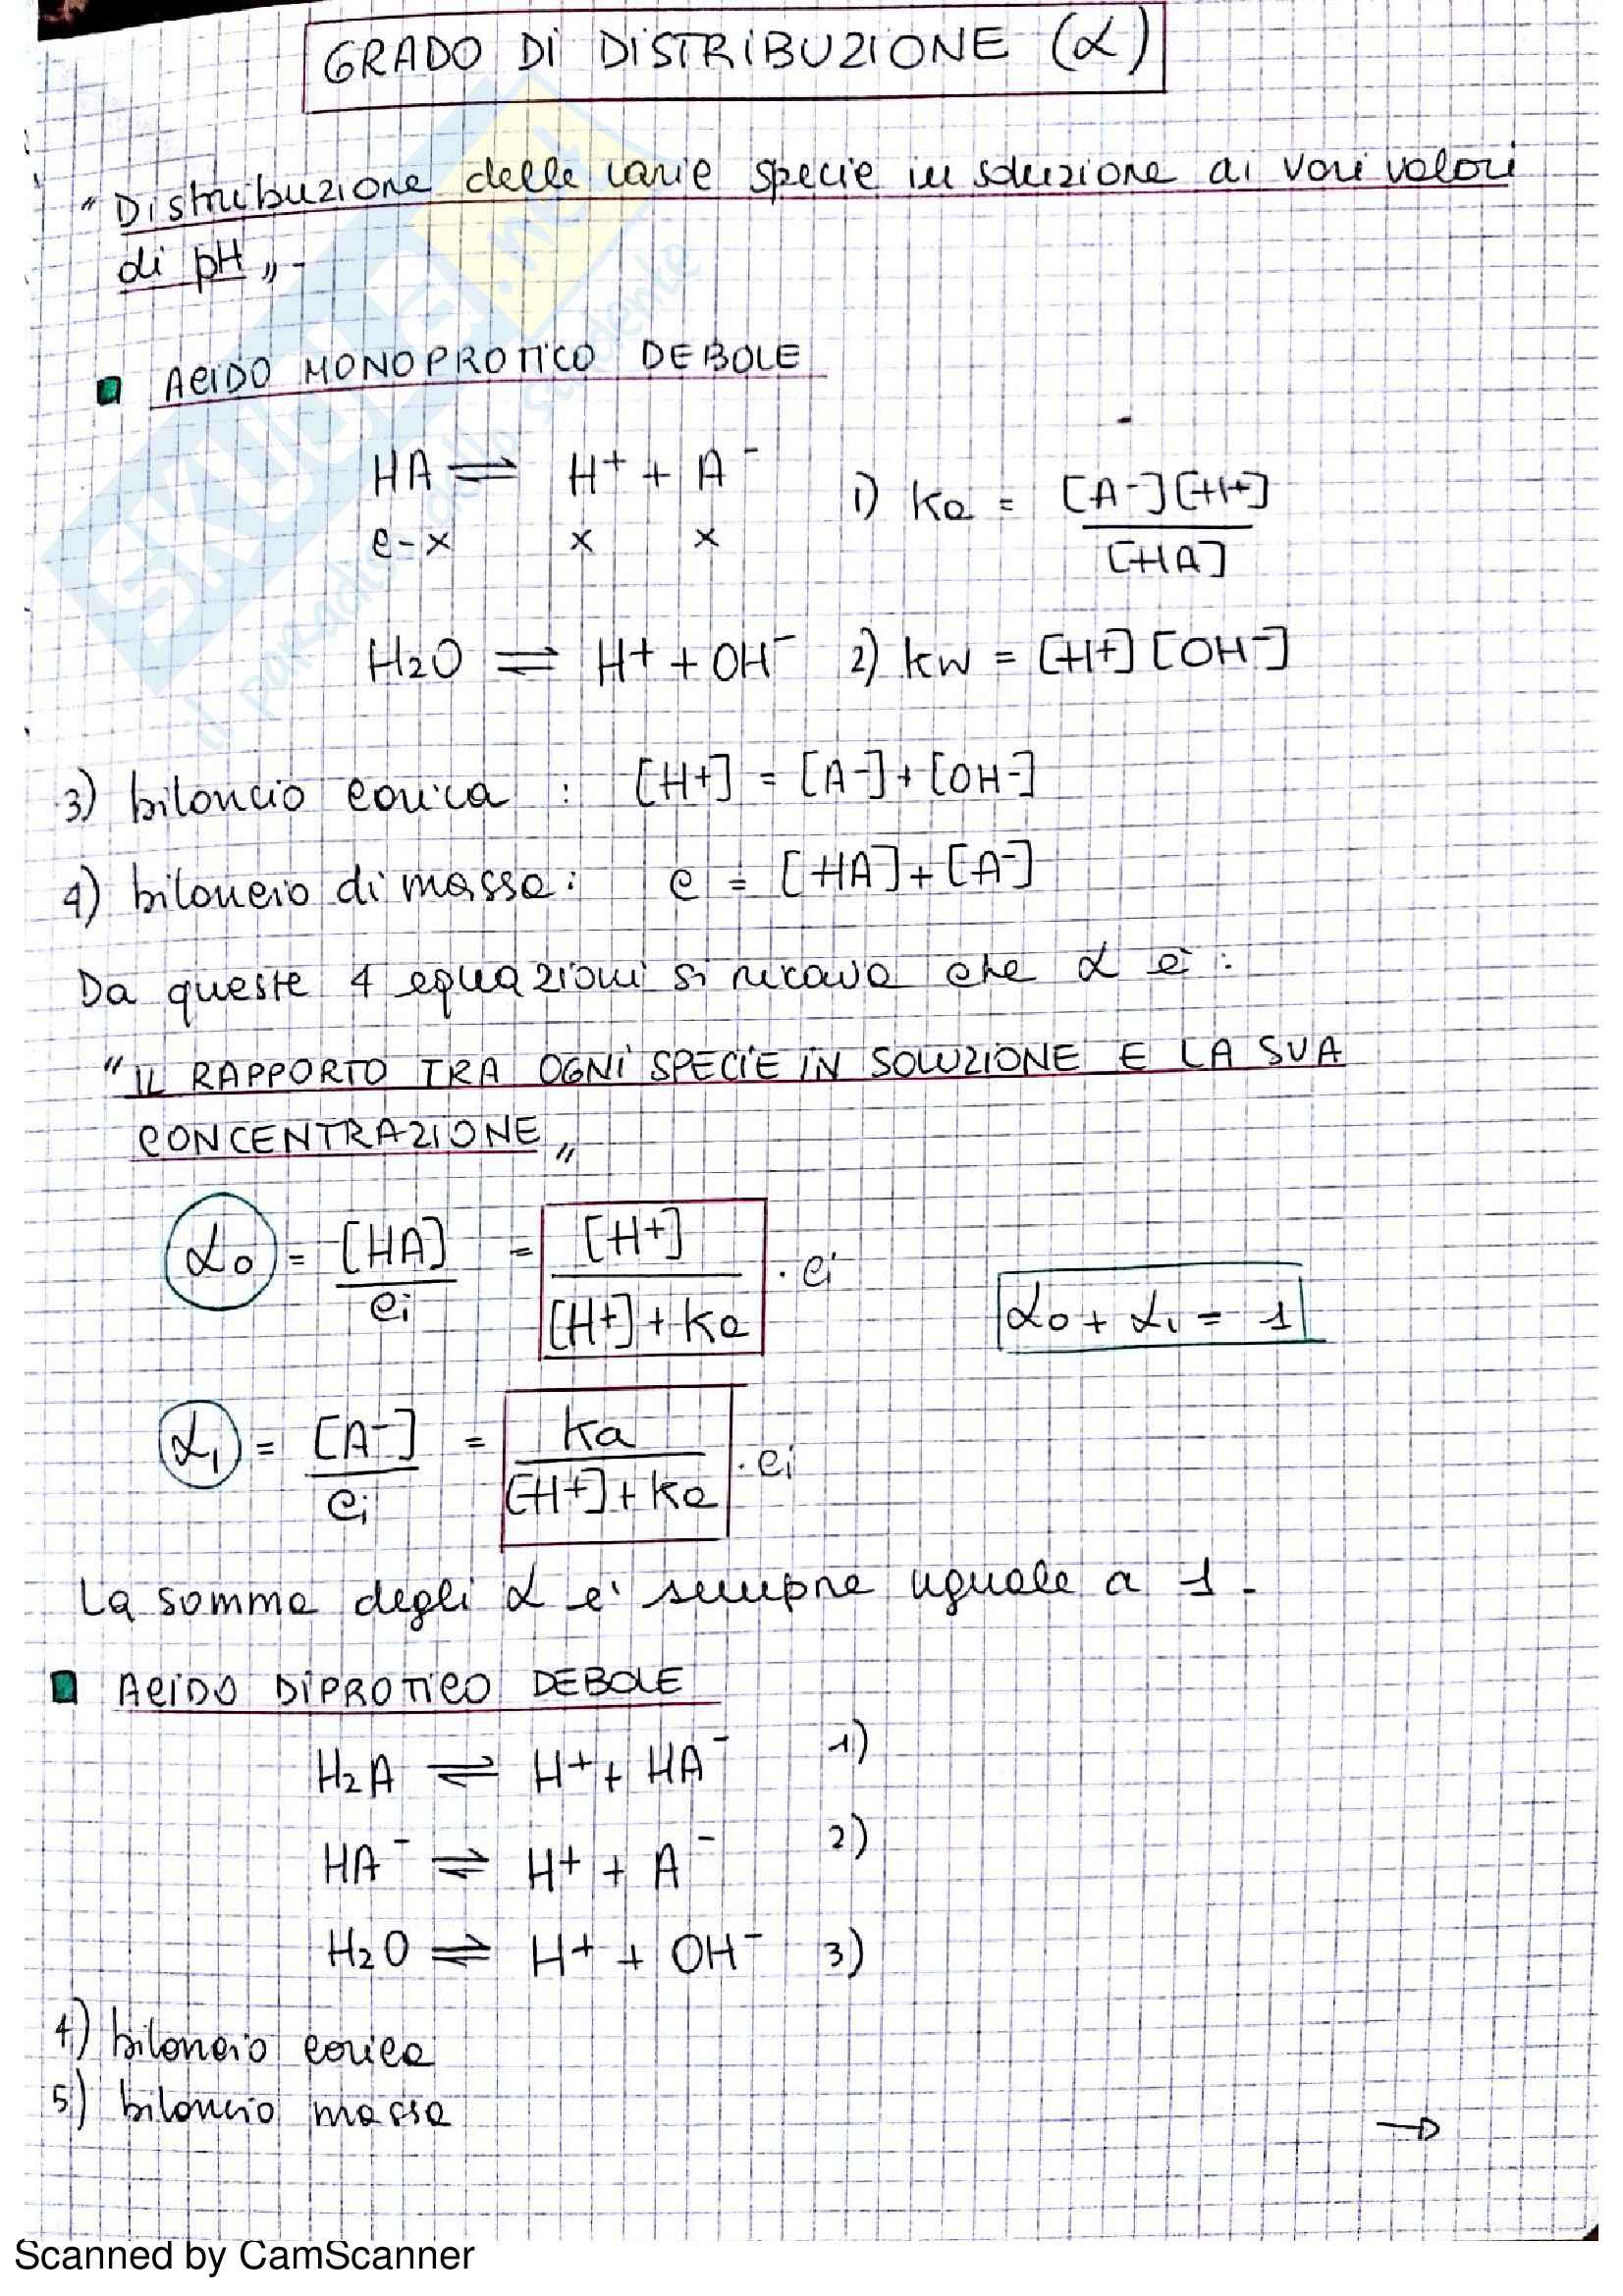 Appunti completi di chimica analitica comprensivi di esercizi d'esame Pag. 6